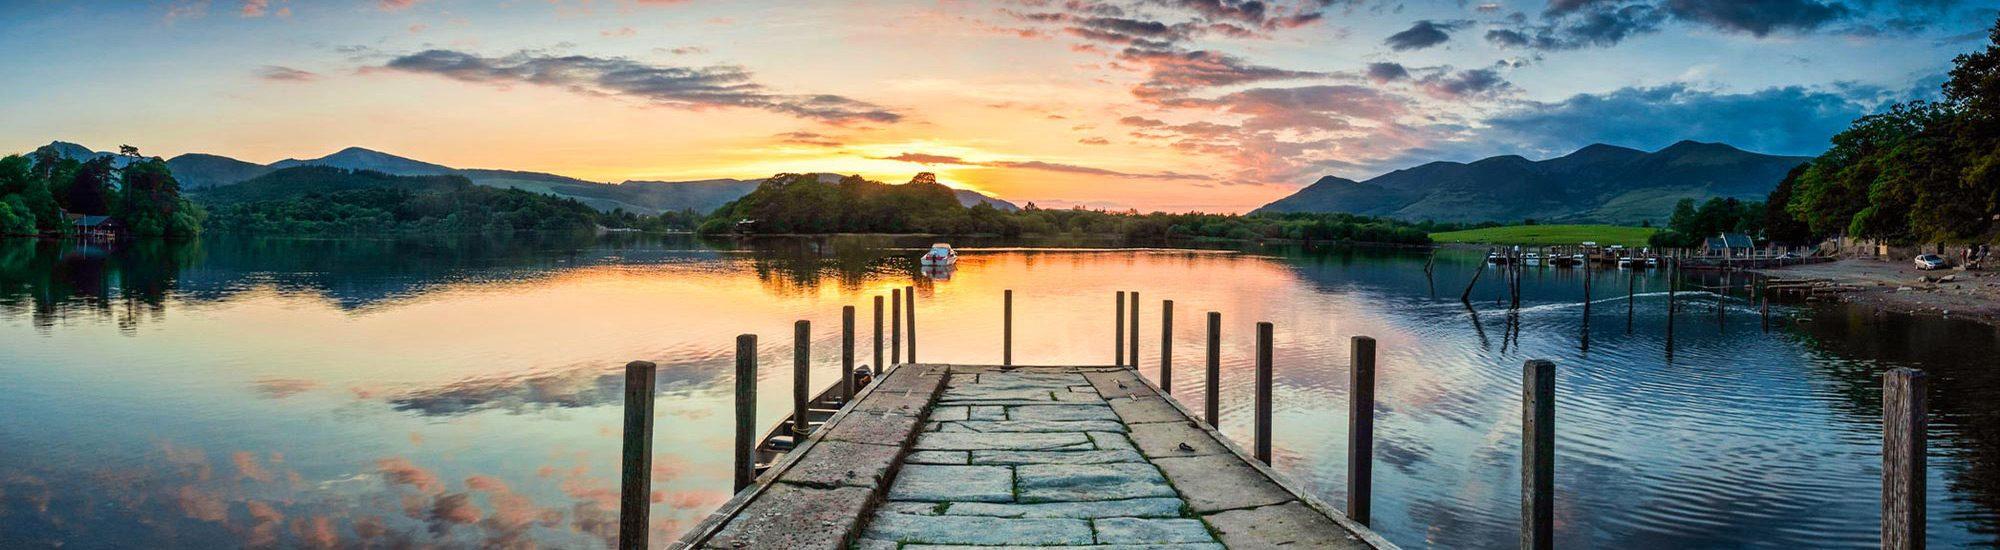 lake-district-sunset